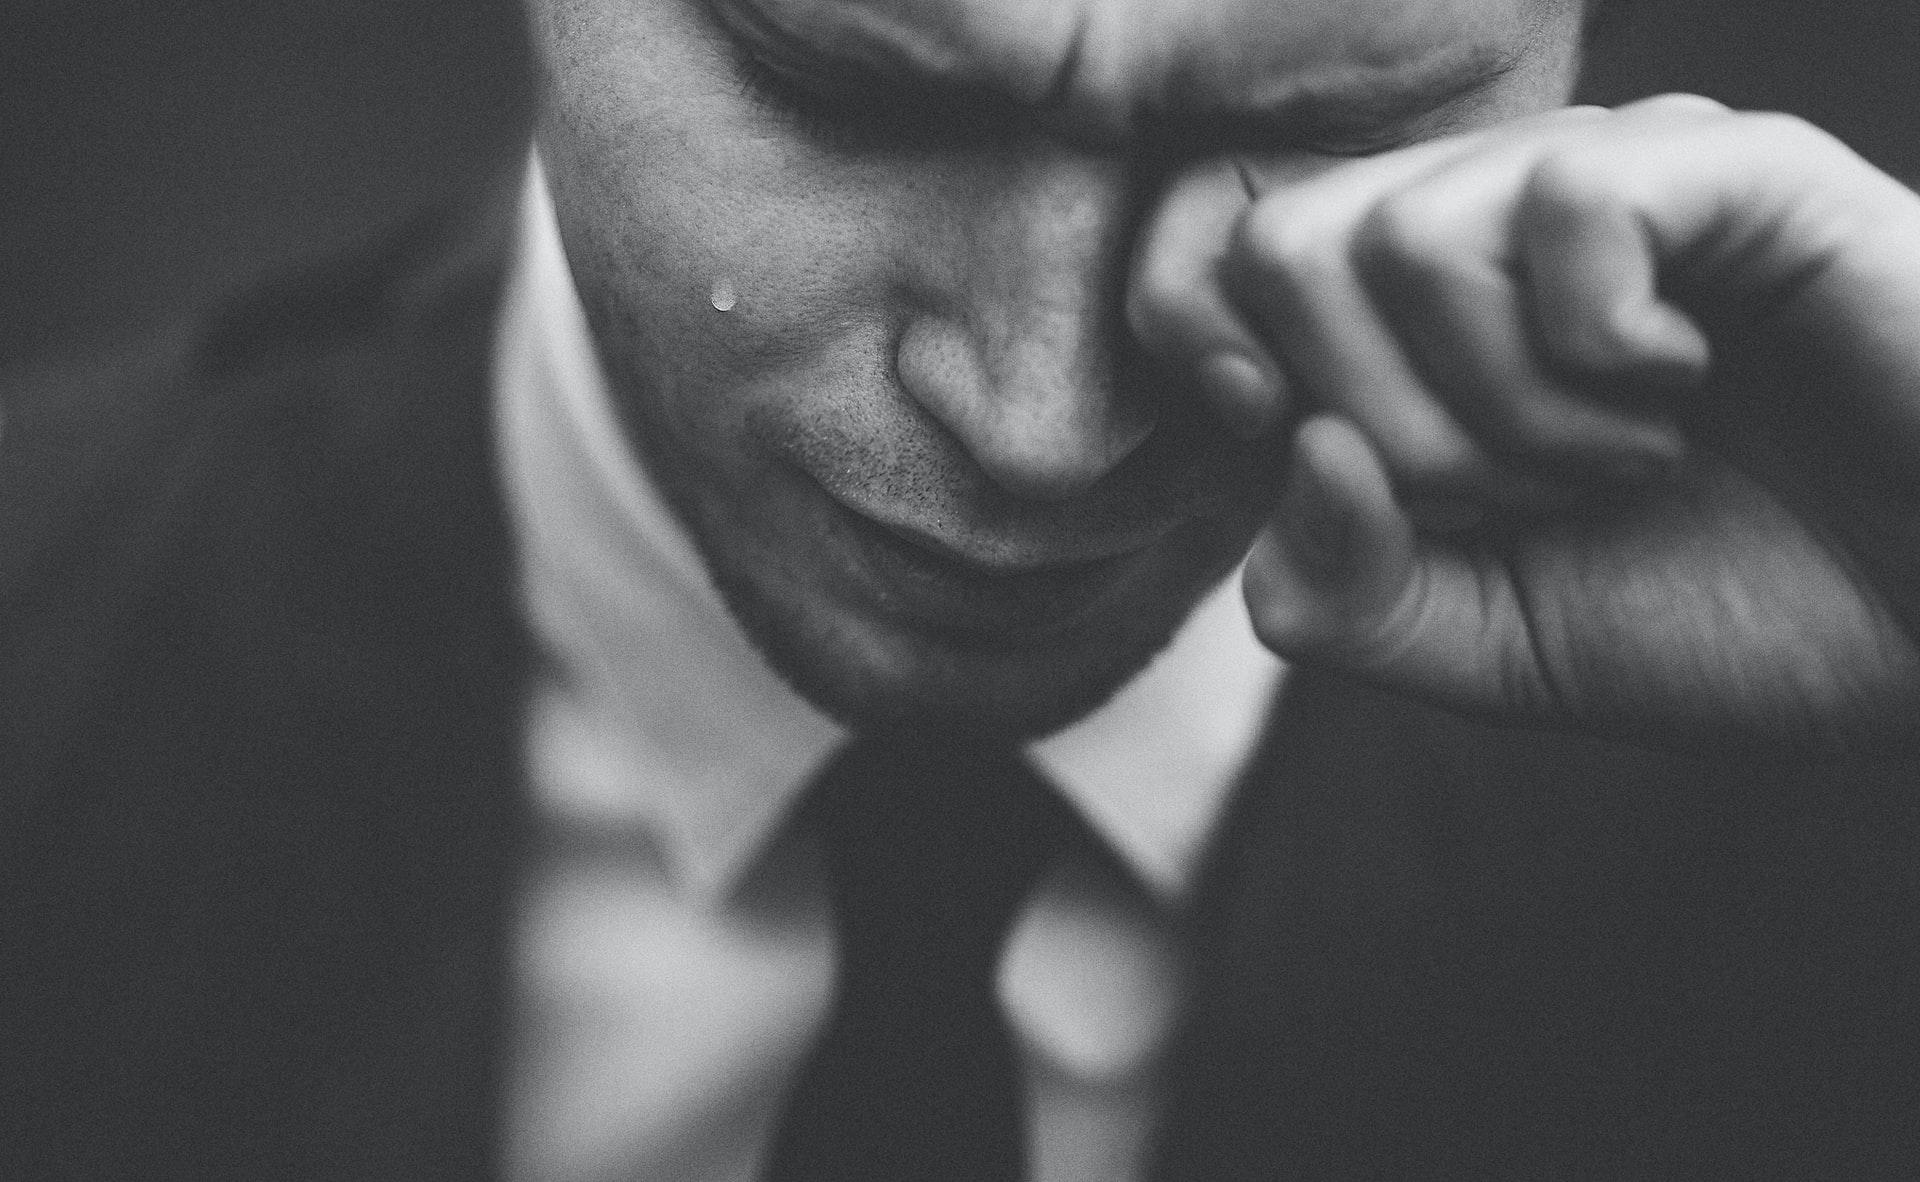 涙を流すスーツ姿の男性